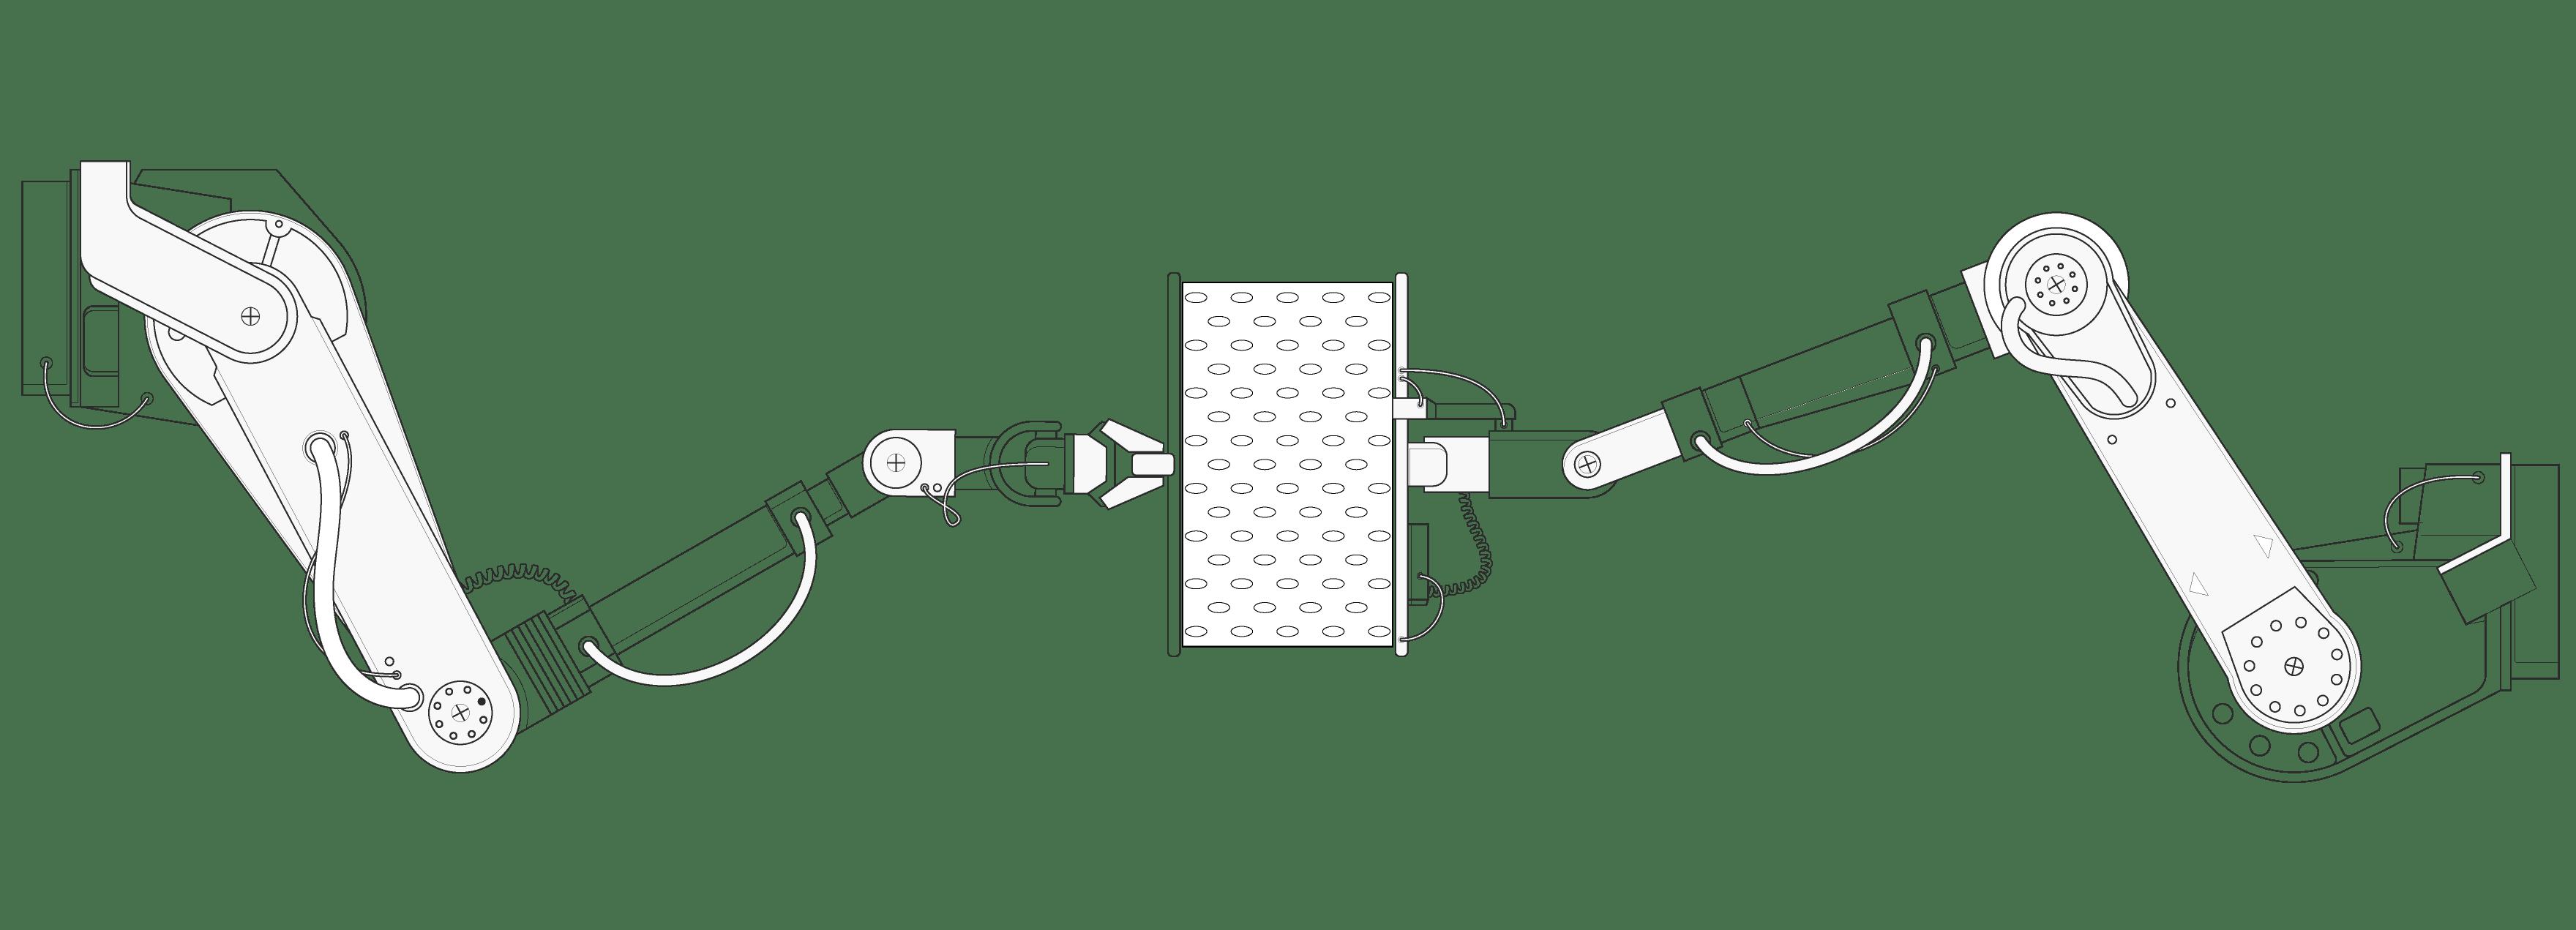 Ilustracja: Fragment pokrowca funkcjonalnego HyBreeze między dwoma ogromnymi ramionami robota hydraulicznego, które rozchodzą się do boków.